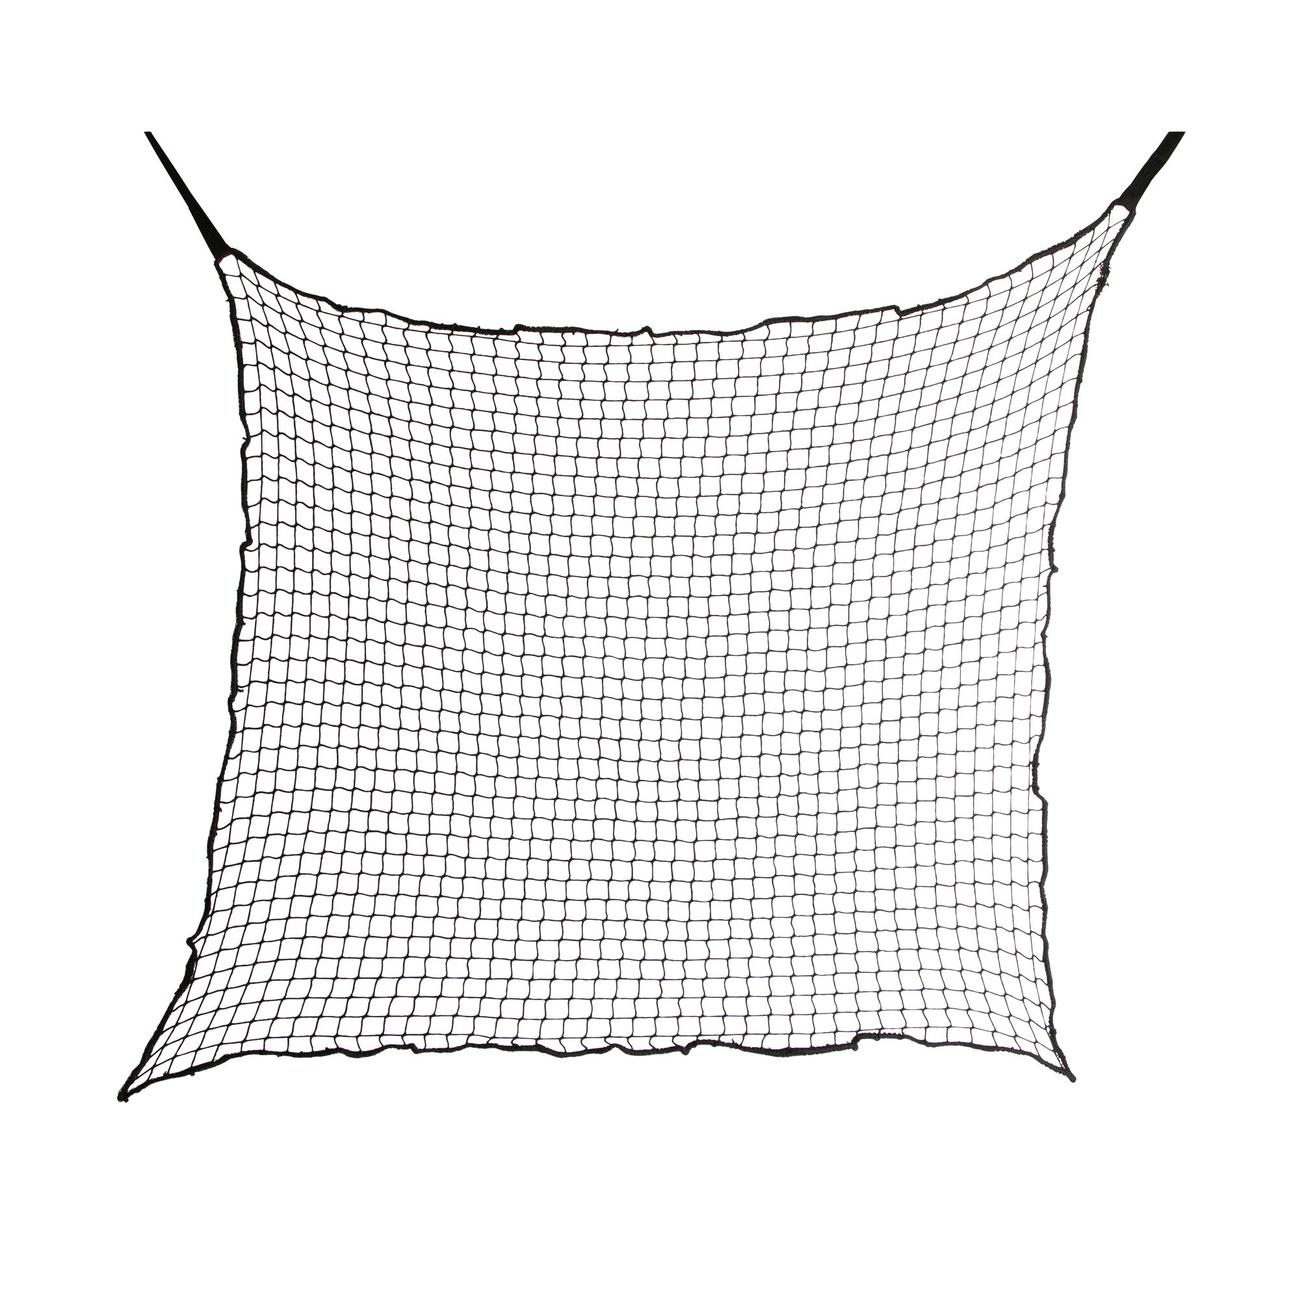 Kerbl Netz zur Ladungssicherung für Pkw und Kombi, Bild 4